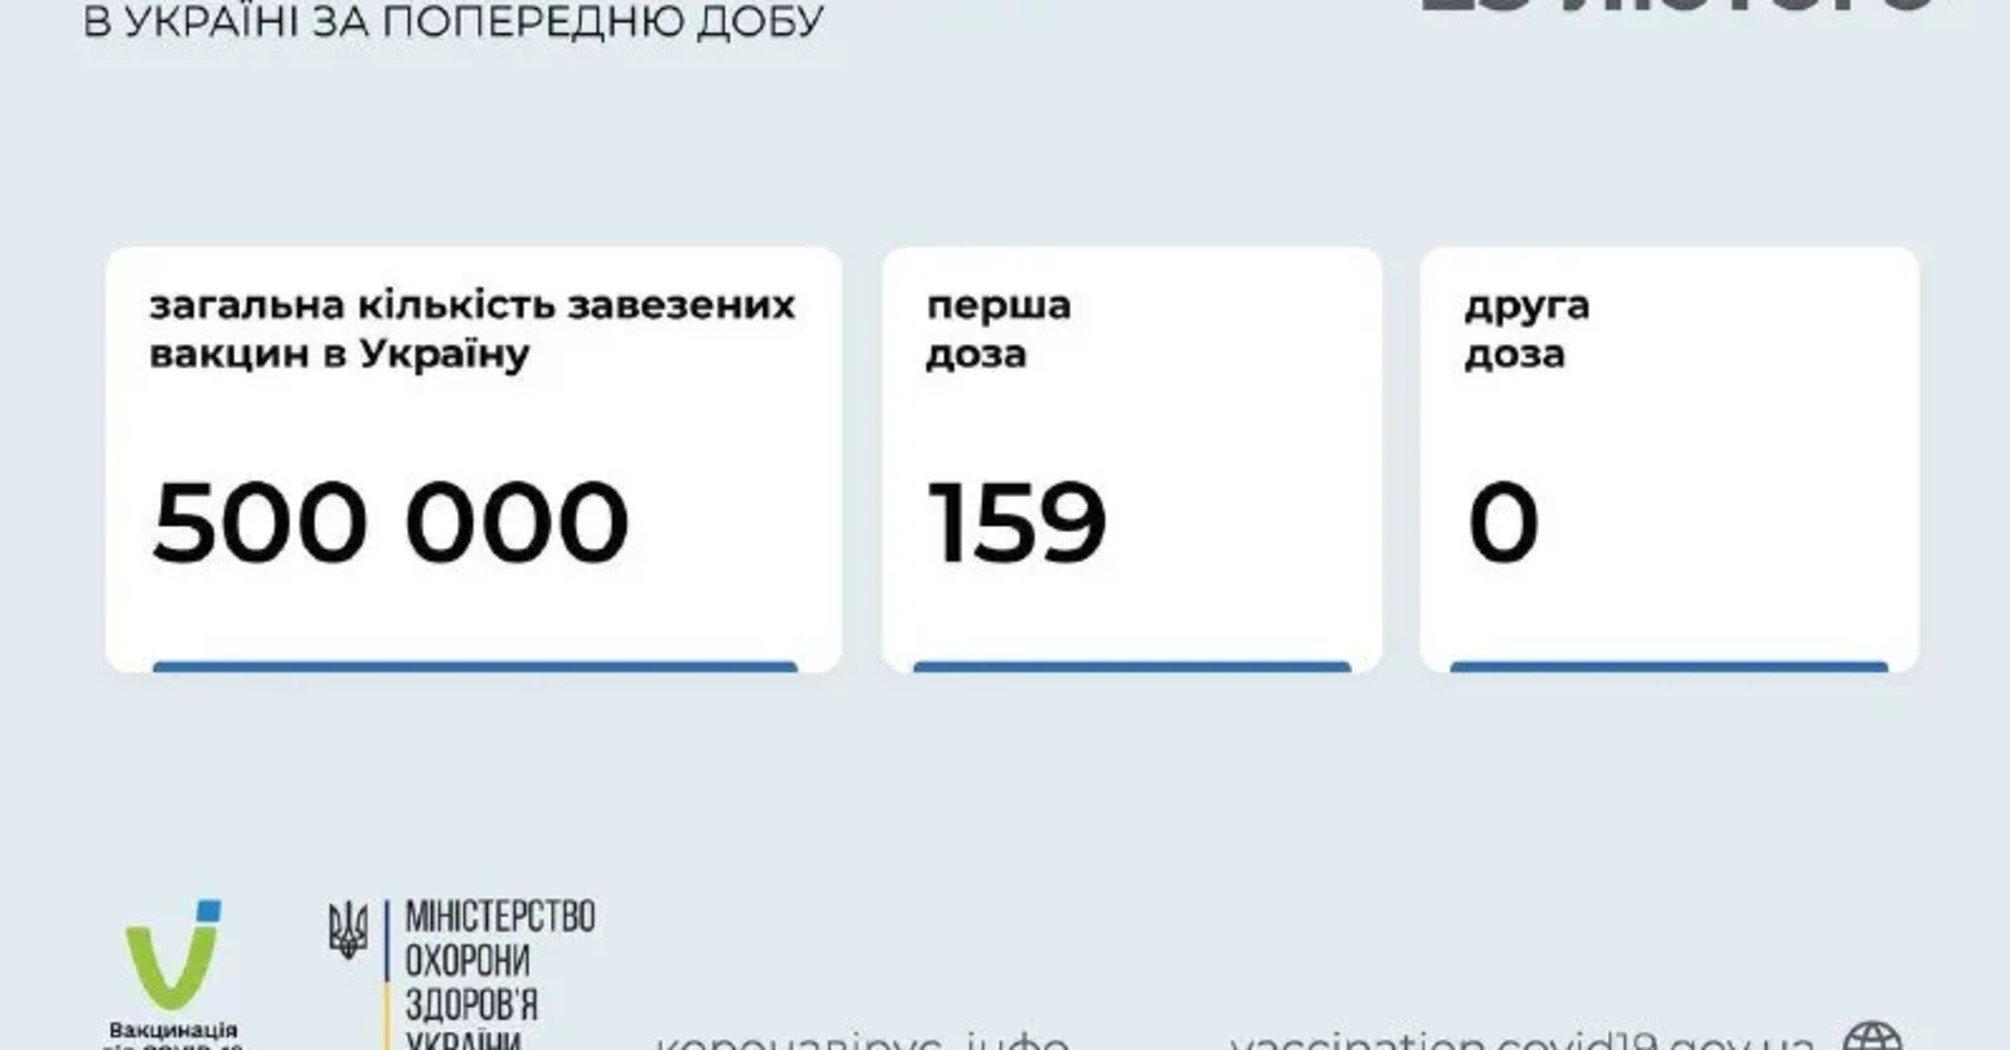 В Минздраве сообщили, сколько прививок сделали в первый день